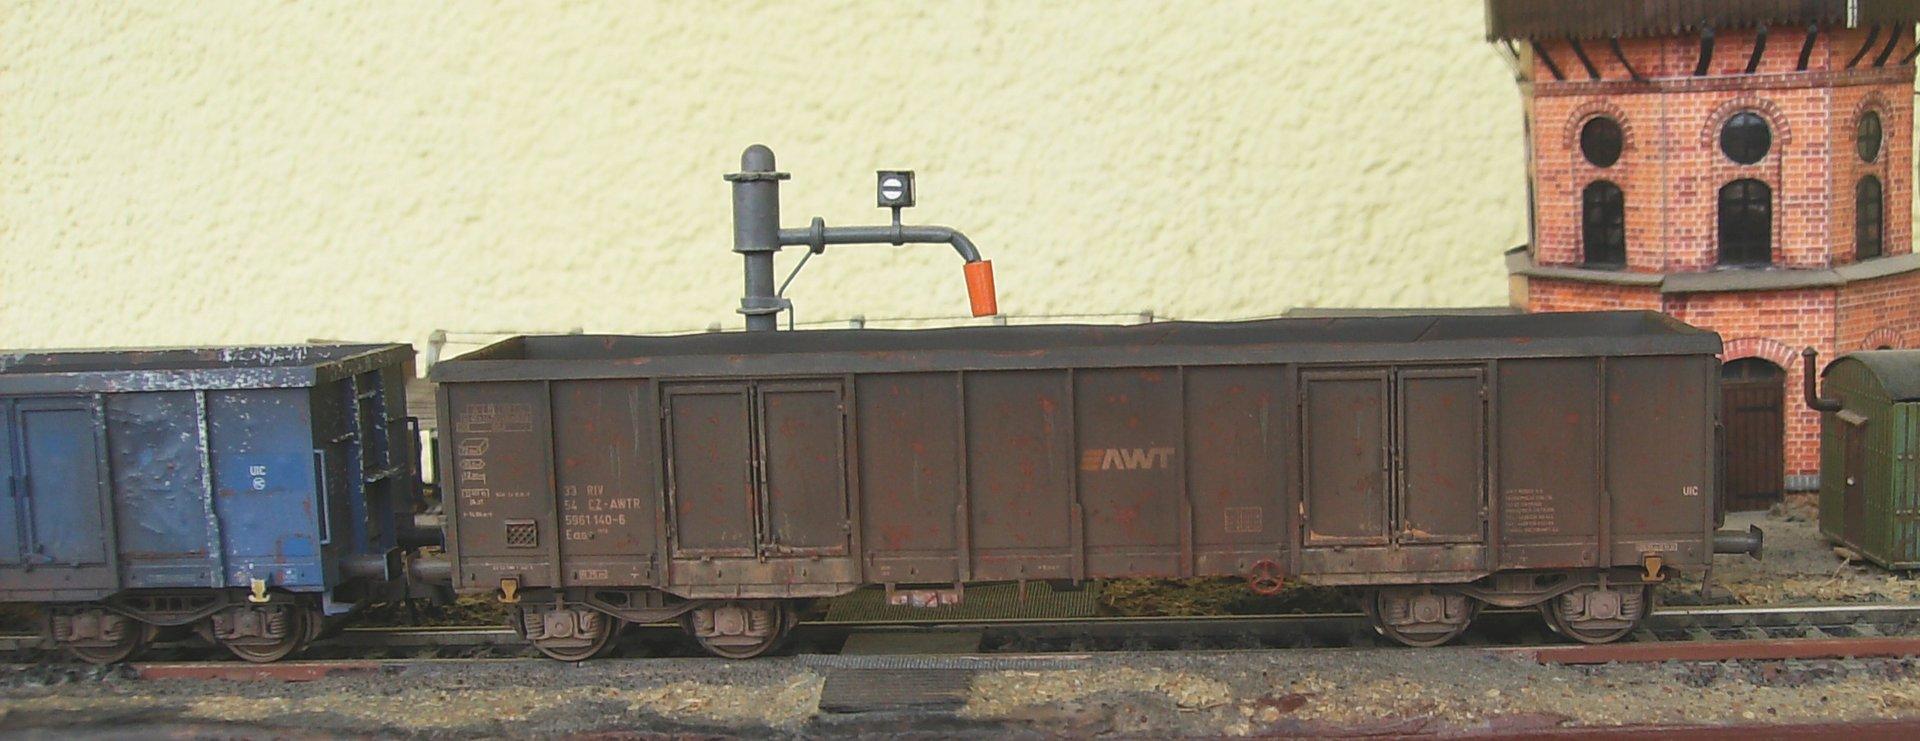 HPIM9478.JPG